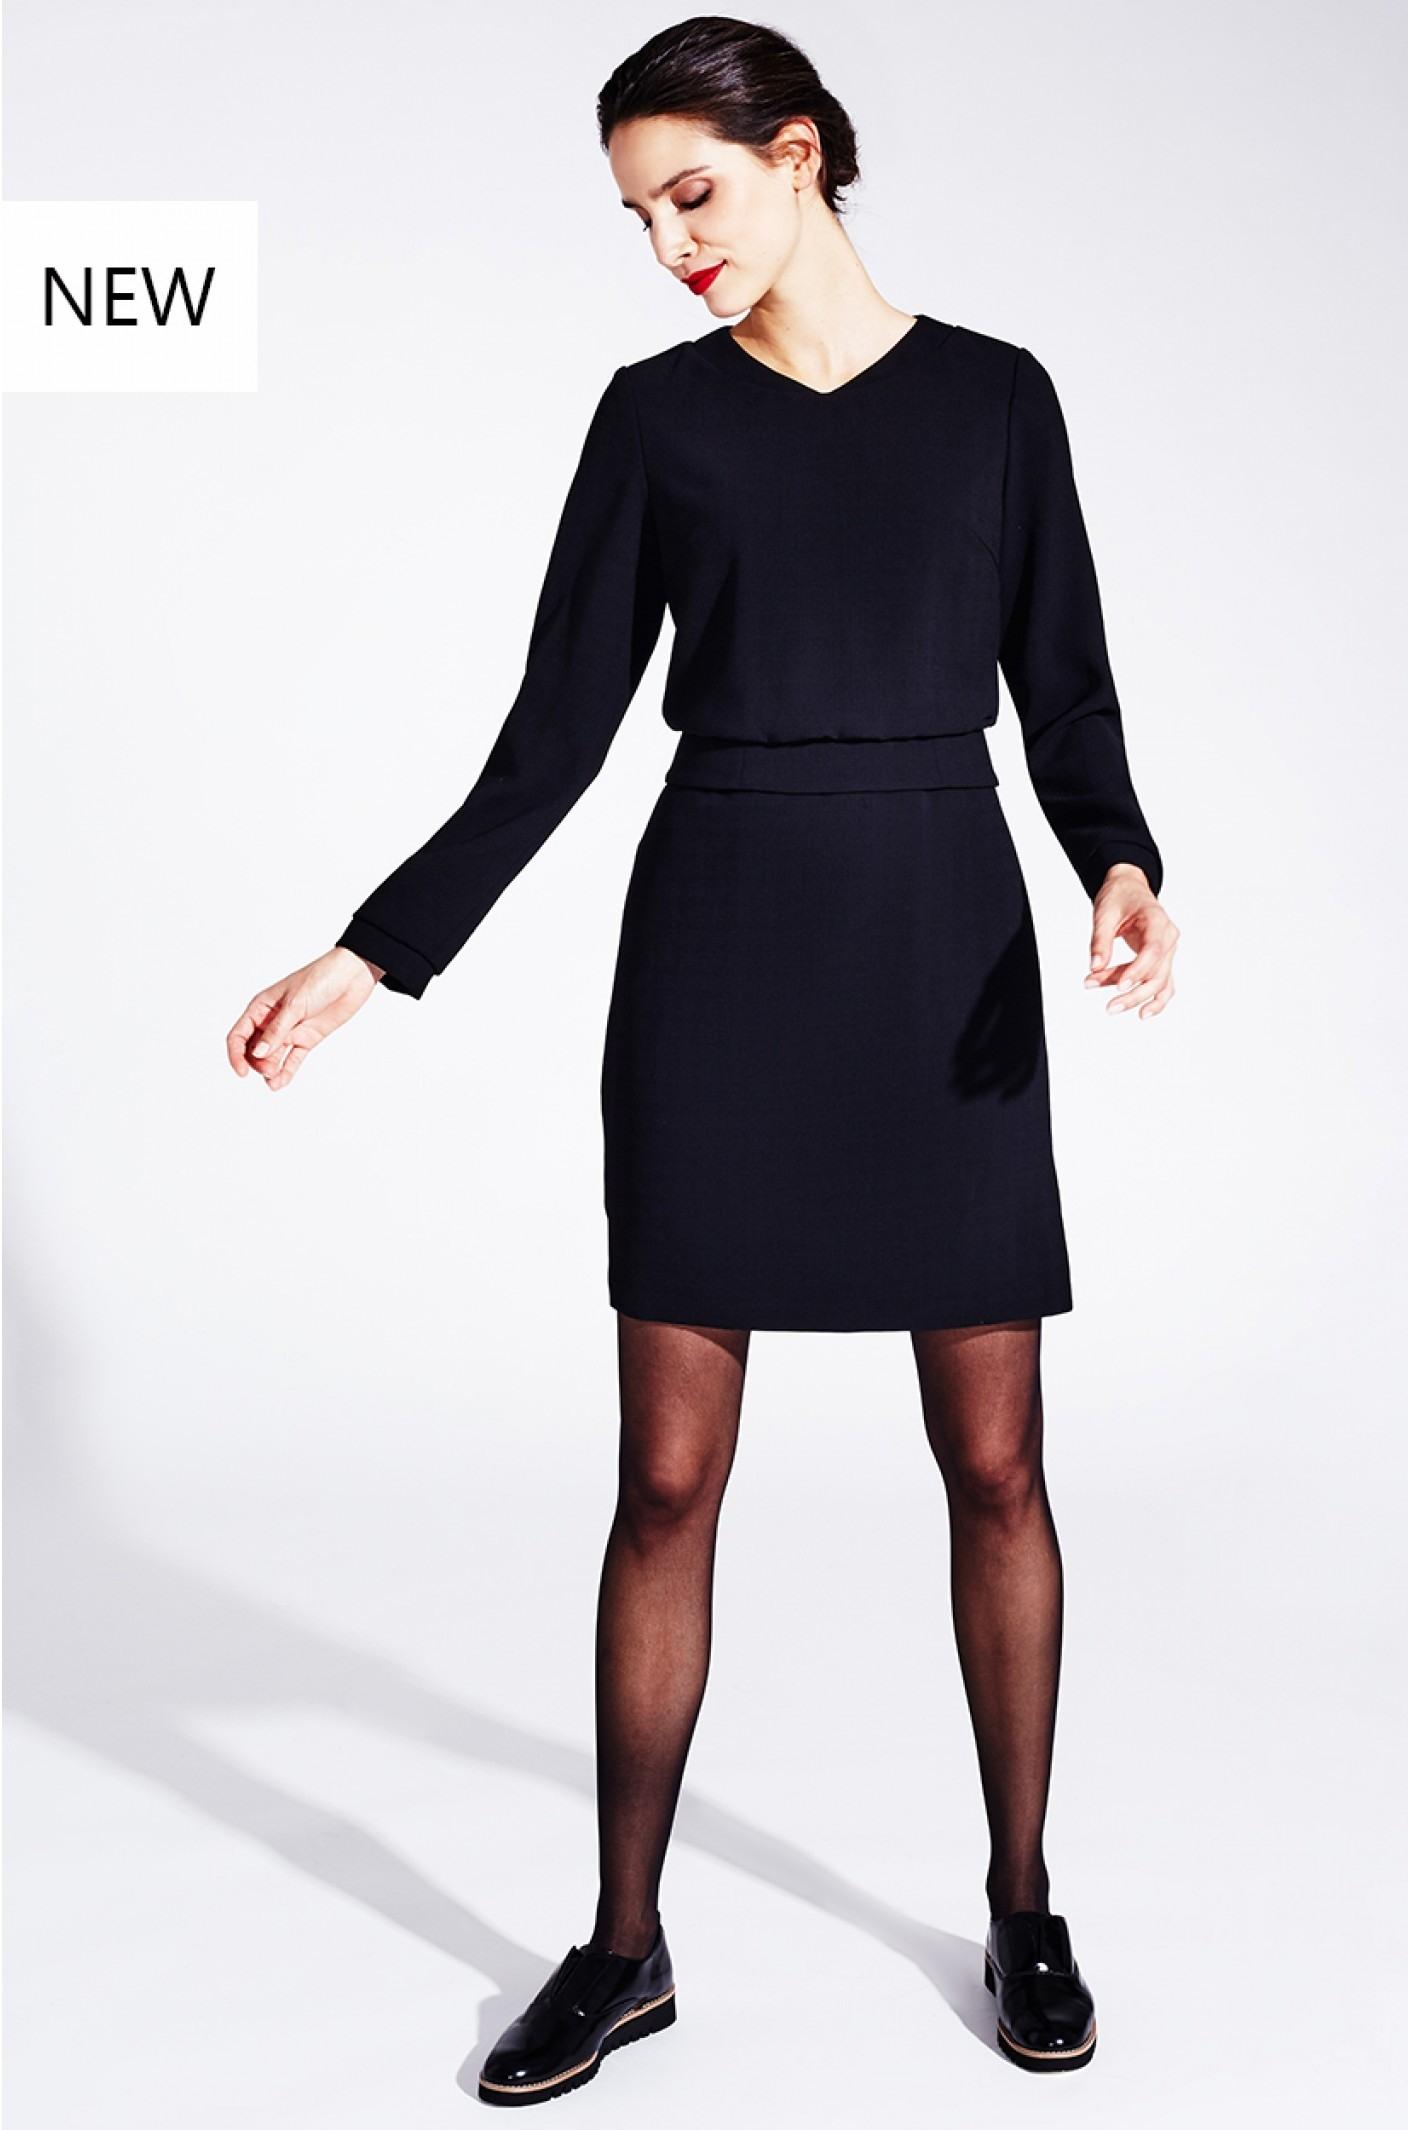 Designer Cool Kleines Kleid Galerie15 Leicht Kleines Kleid Boutique